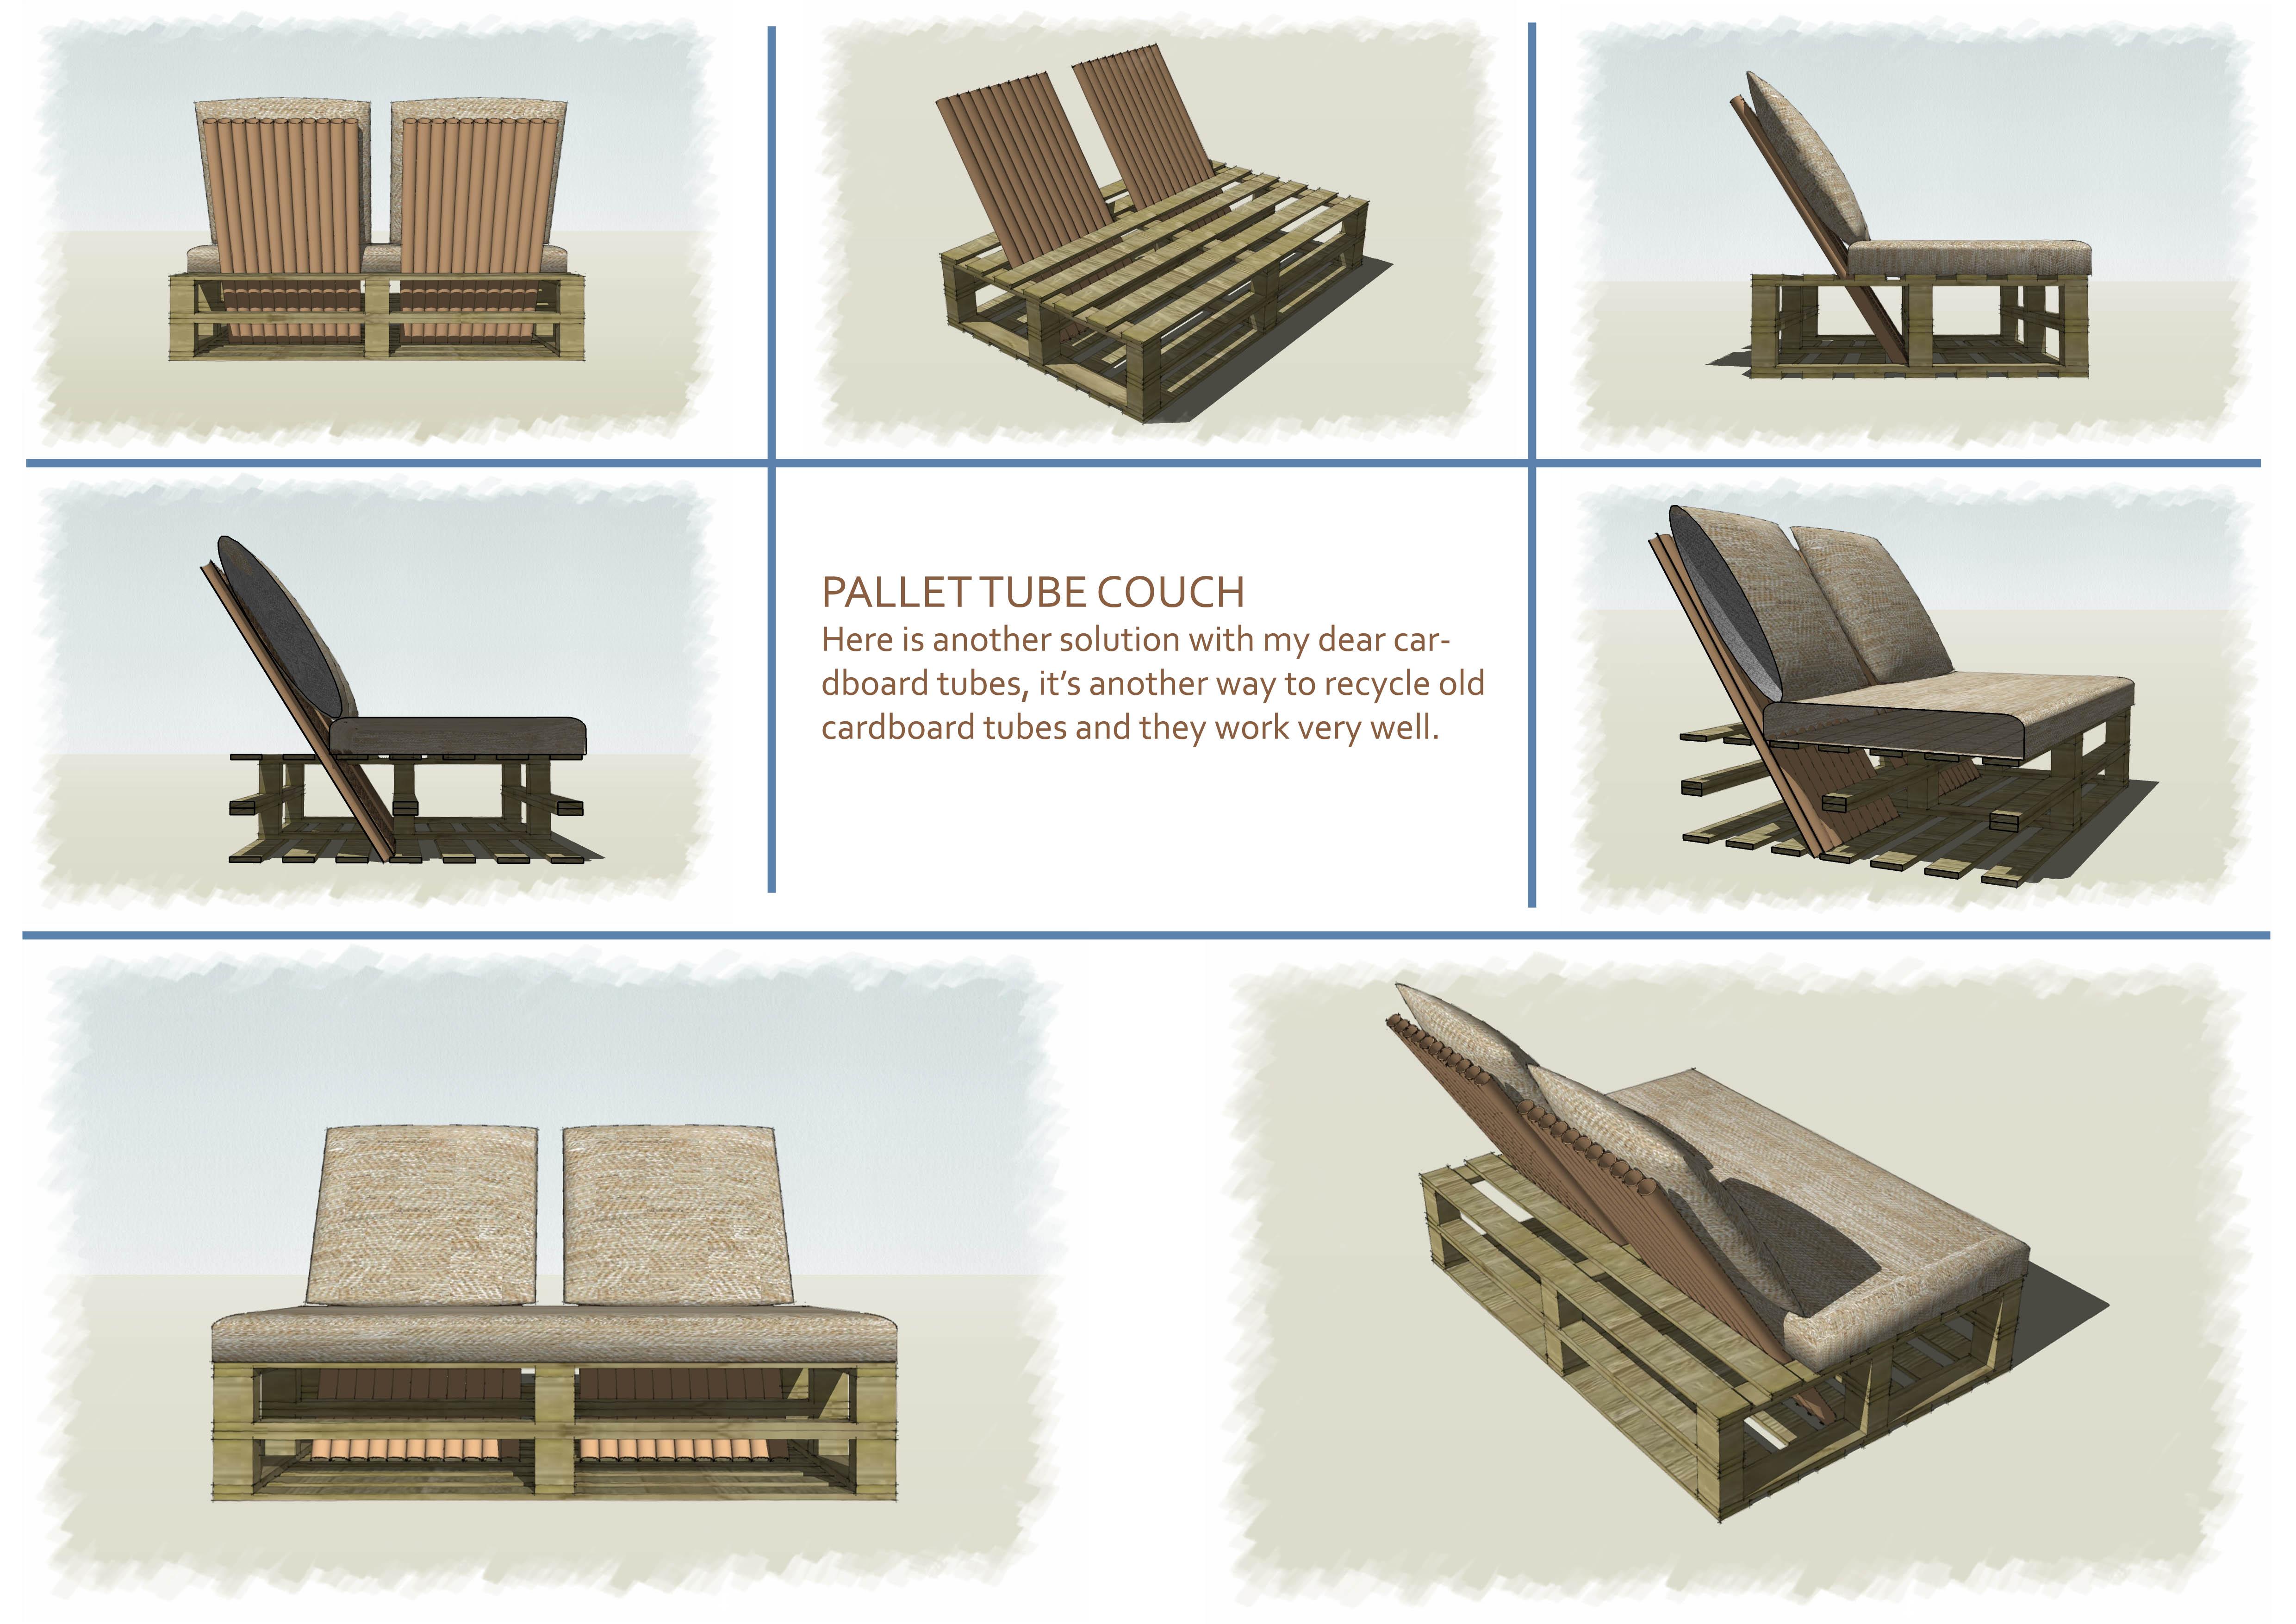 Pallet bedroom furniture plans - Pallet Bedroom Furniture Plans 70